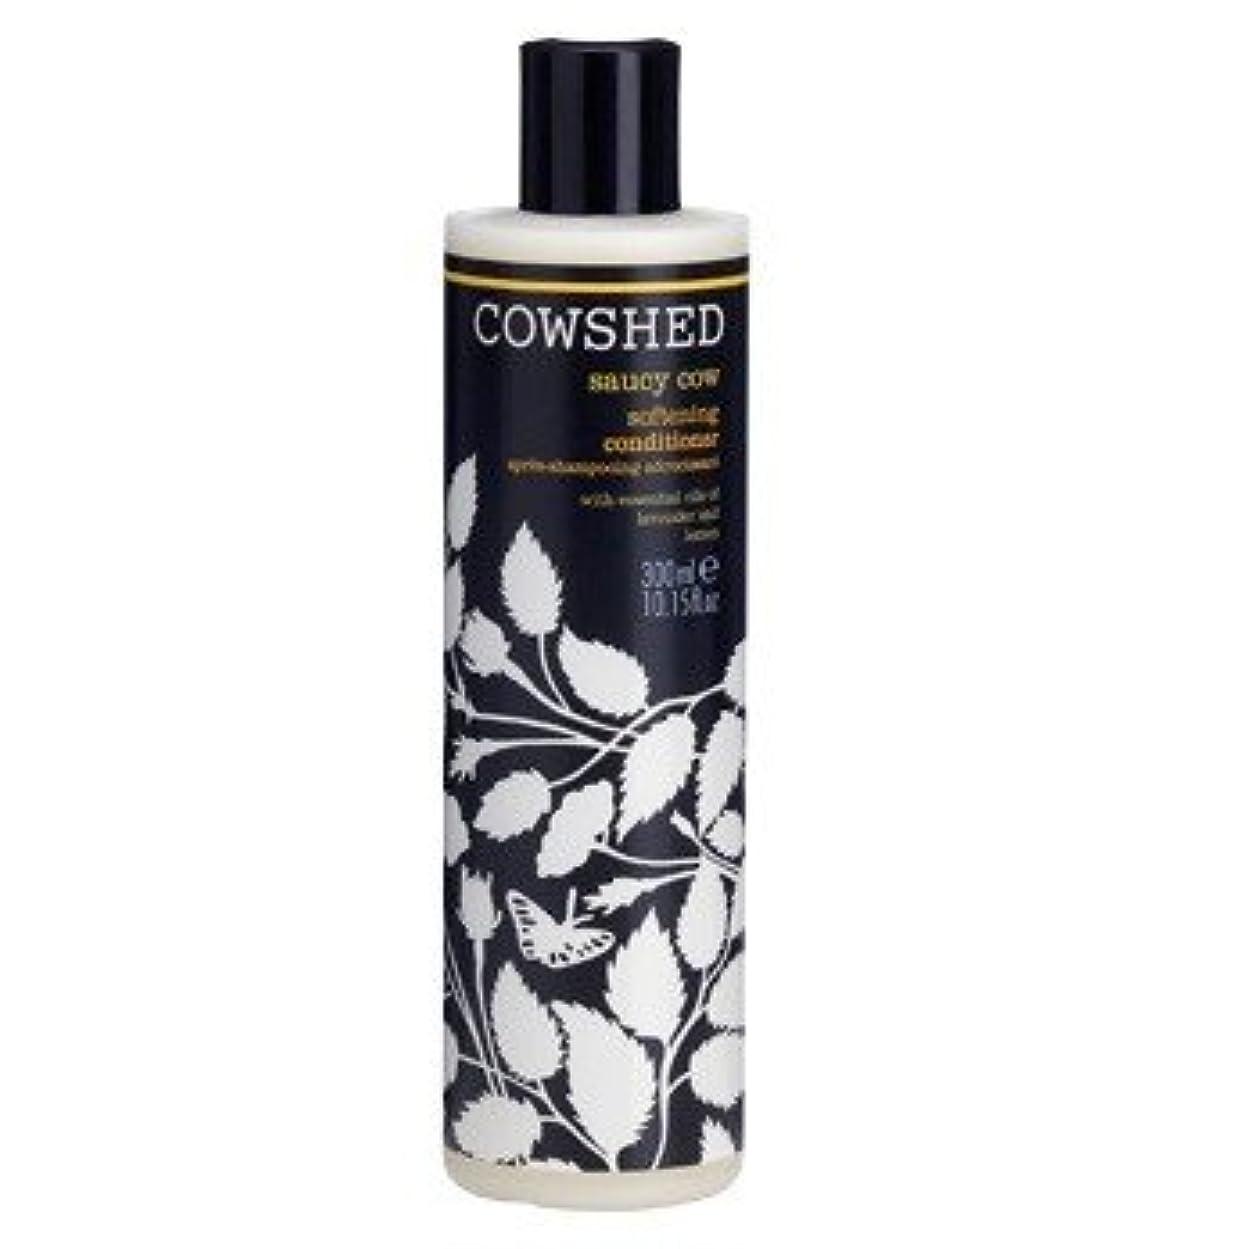 ペアスキャン熱望する牛舎生意気な牛軟化コンディショナー300ミリリットル (Cowshed) - Cowshed Saucy Cow Softening Conditioner 300ml [並行輸入品]